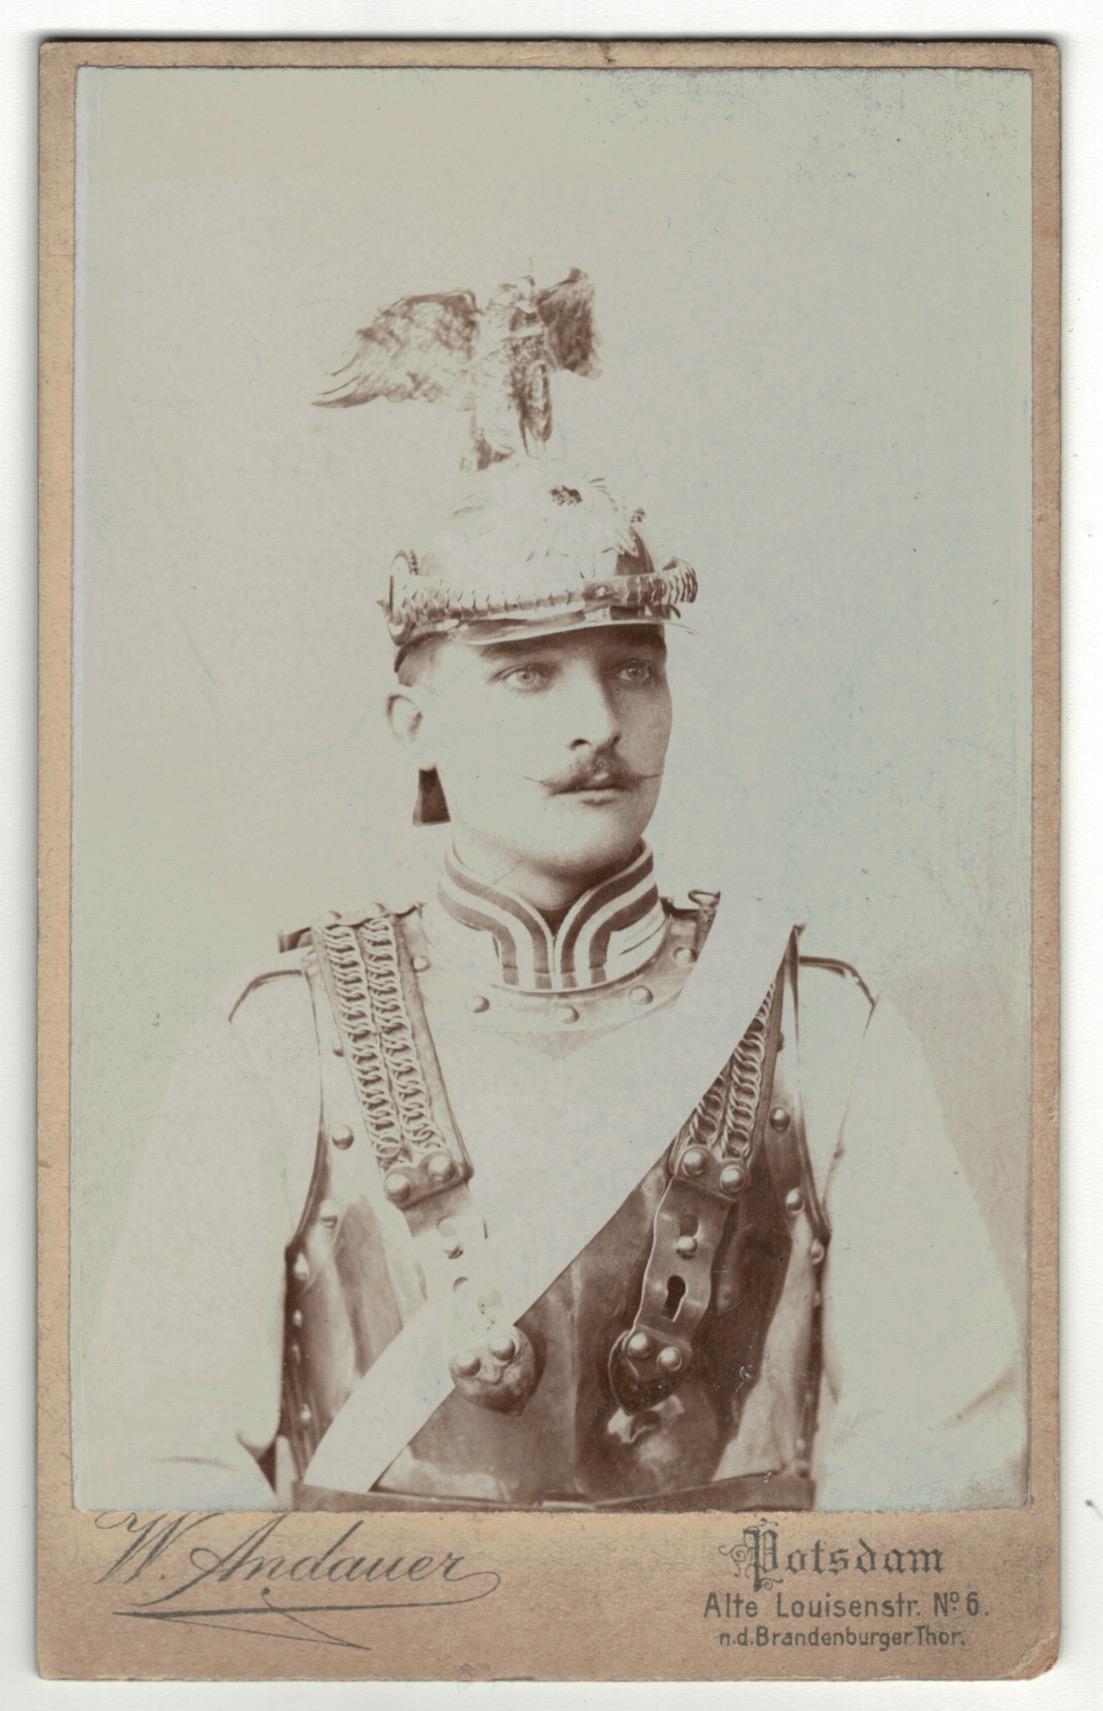 CDV Soldat Allemand / Alsacien - Armée Cavalerie - Grande tenue - Casque à pointe - aigle - Garde du Corps - Sabre 1898